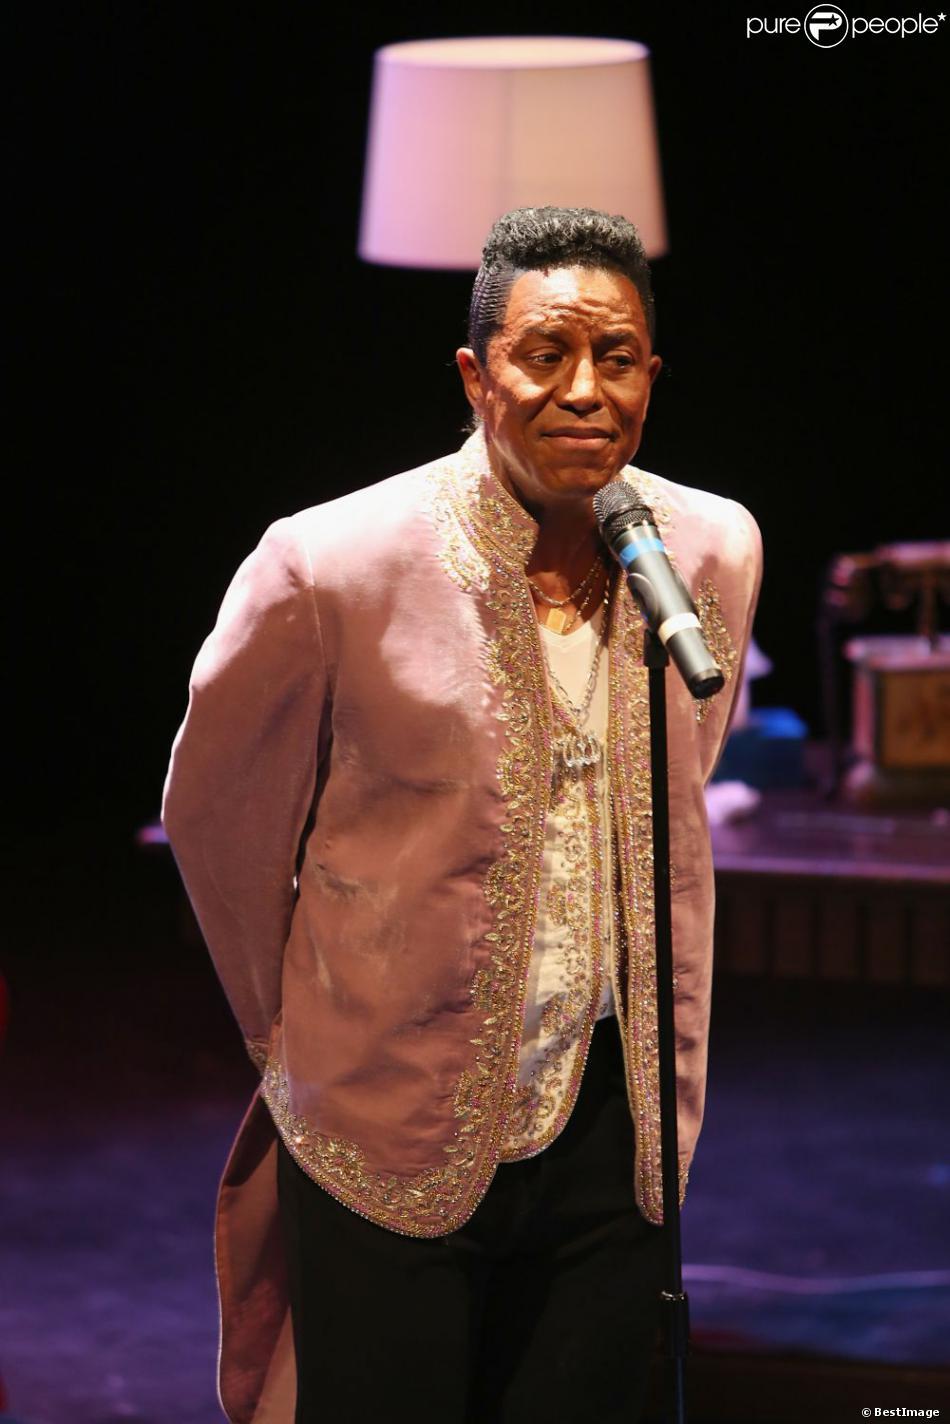 Jermaine Jackson au Théâtre des Variétés à Paris pour son spectacle en hommage à sa famille, le 21 janvier 2013.